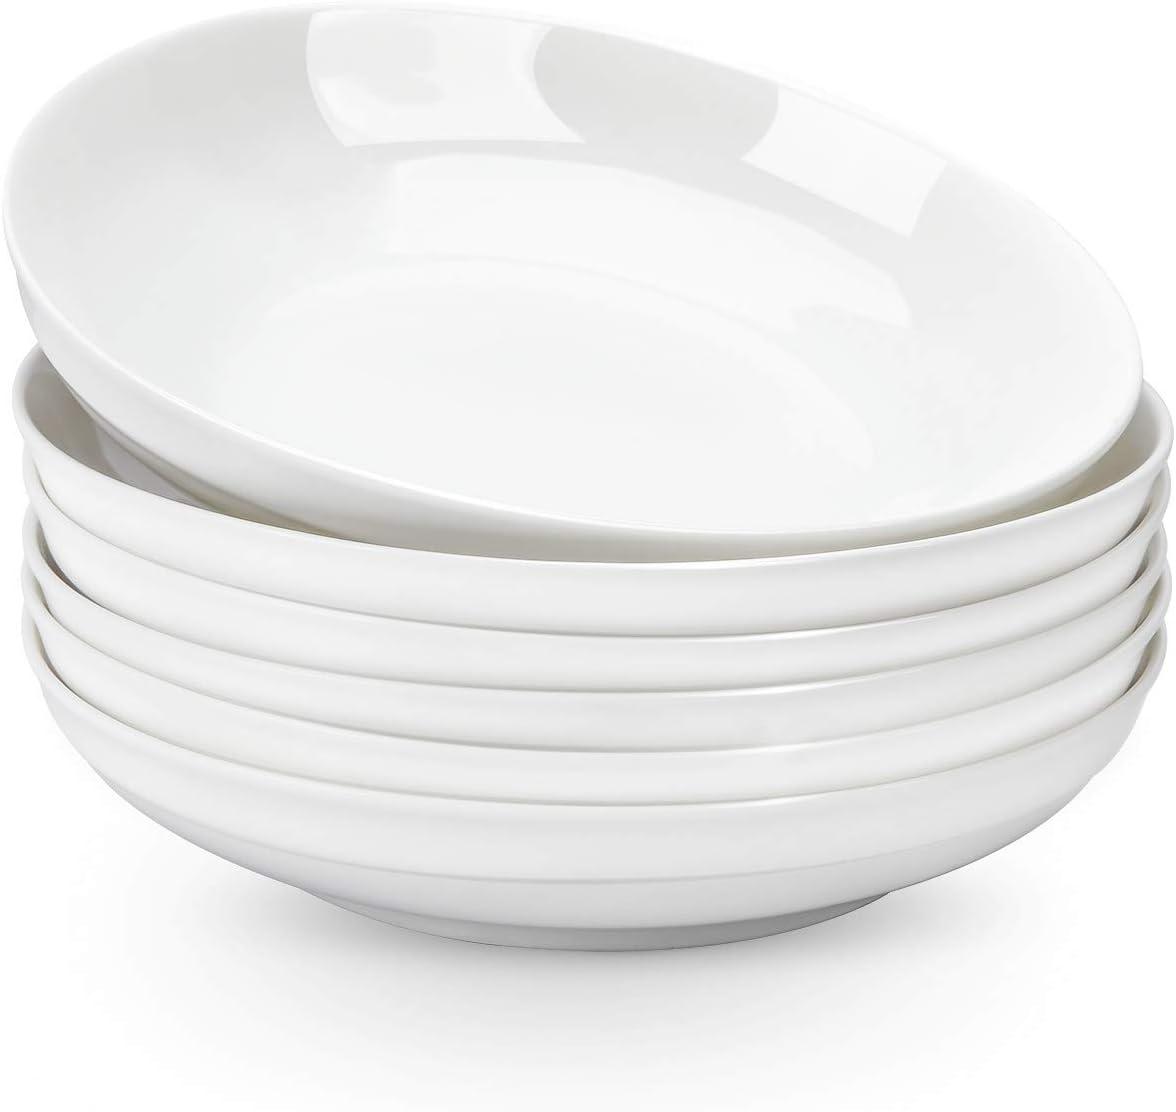 AnBnCn Porcelain Pasta Bowls - 30 Ounce - Large, Set of 6